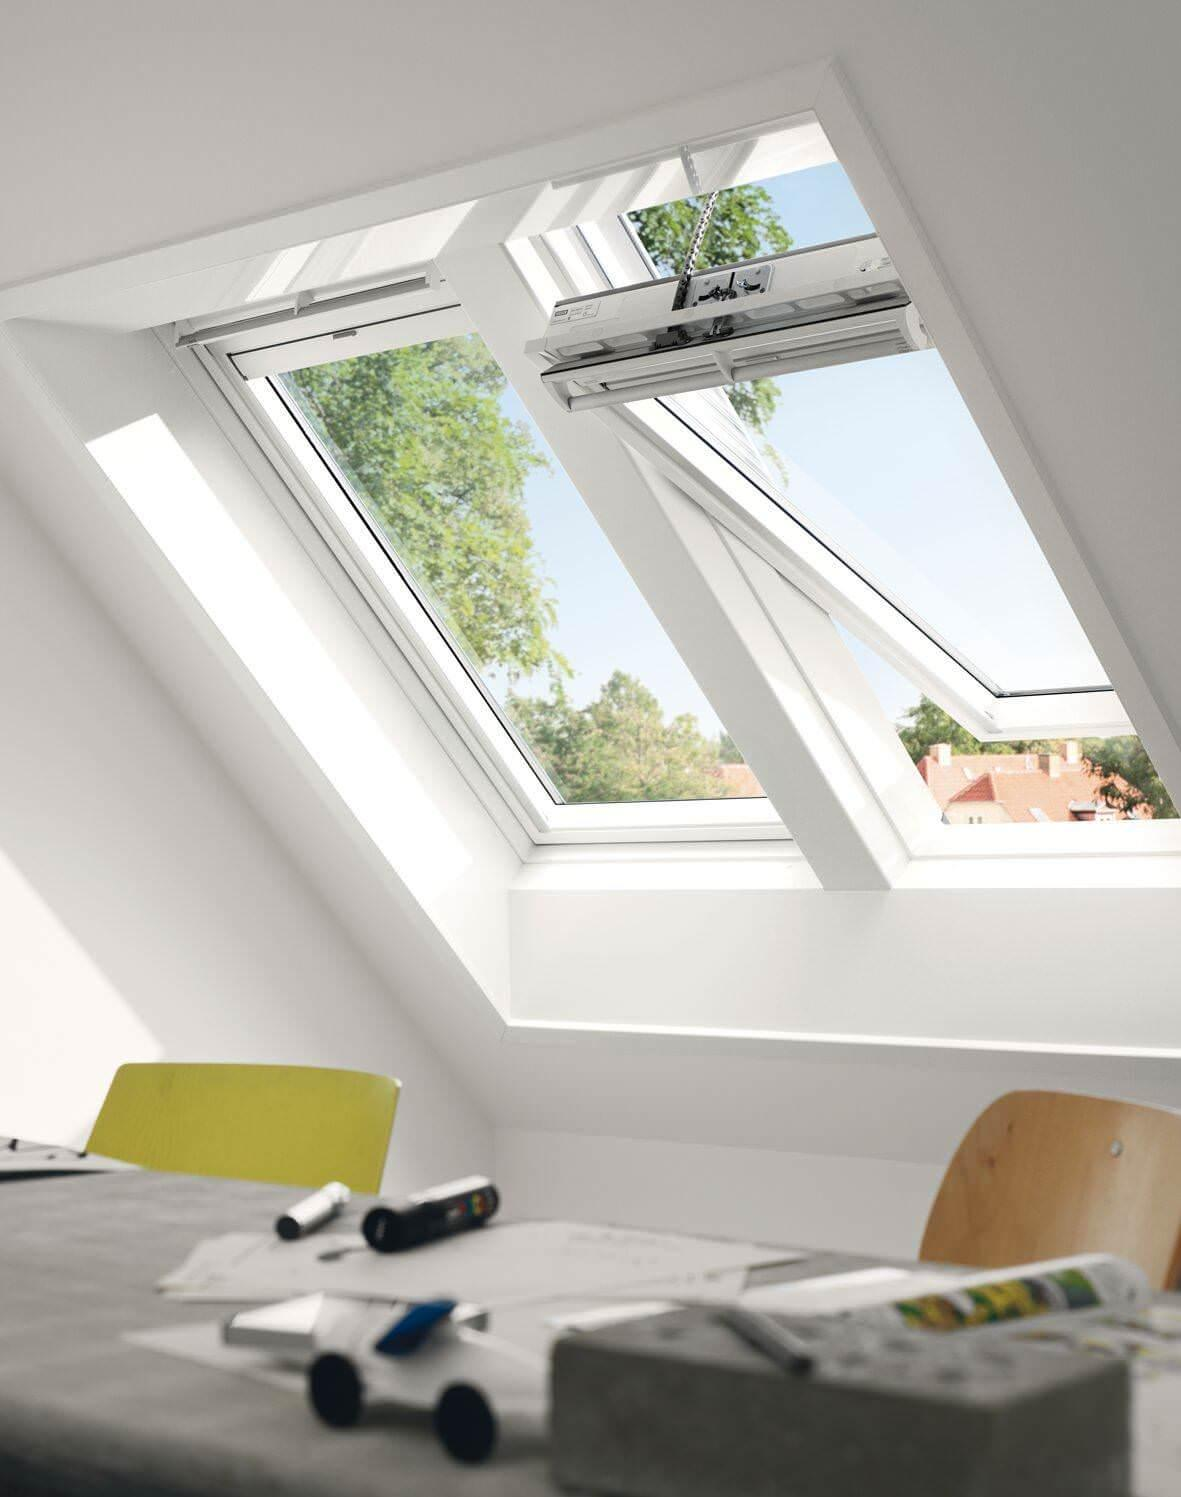 Full Size of Velux Fenster Veludachfenster Ggu Sd0j230 Kunststoff Integra Solarfenster Insektenschutzgitter Preisvergleich Insektenschutz Rc 2 Mit Sprossen Alarmanlage Rc3 Fenster Velux Fenster